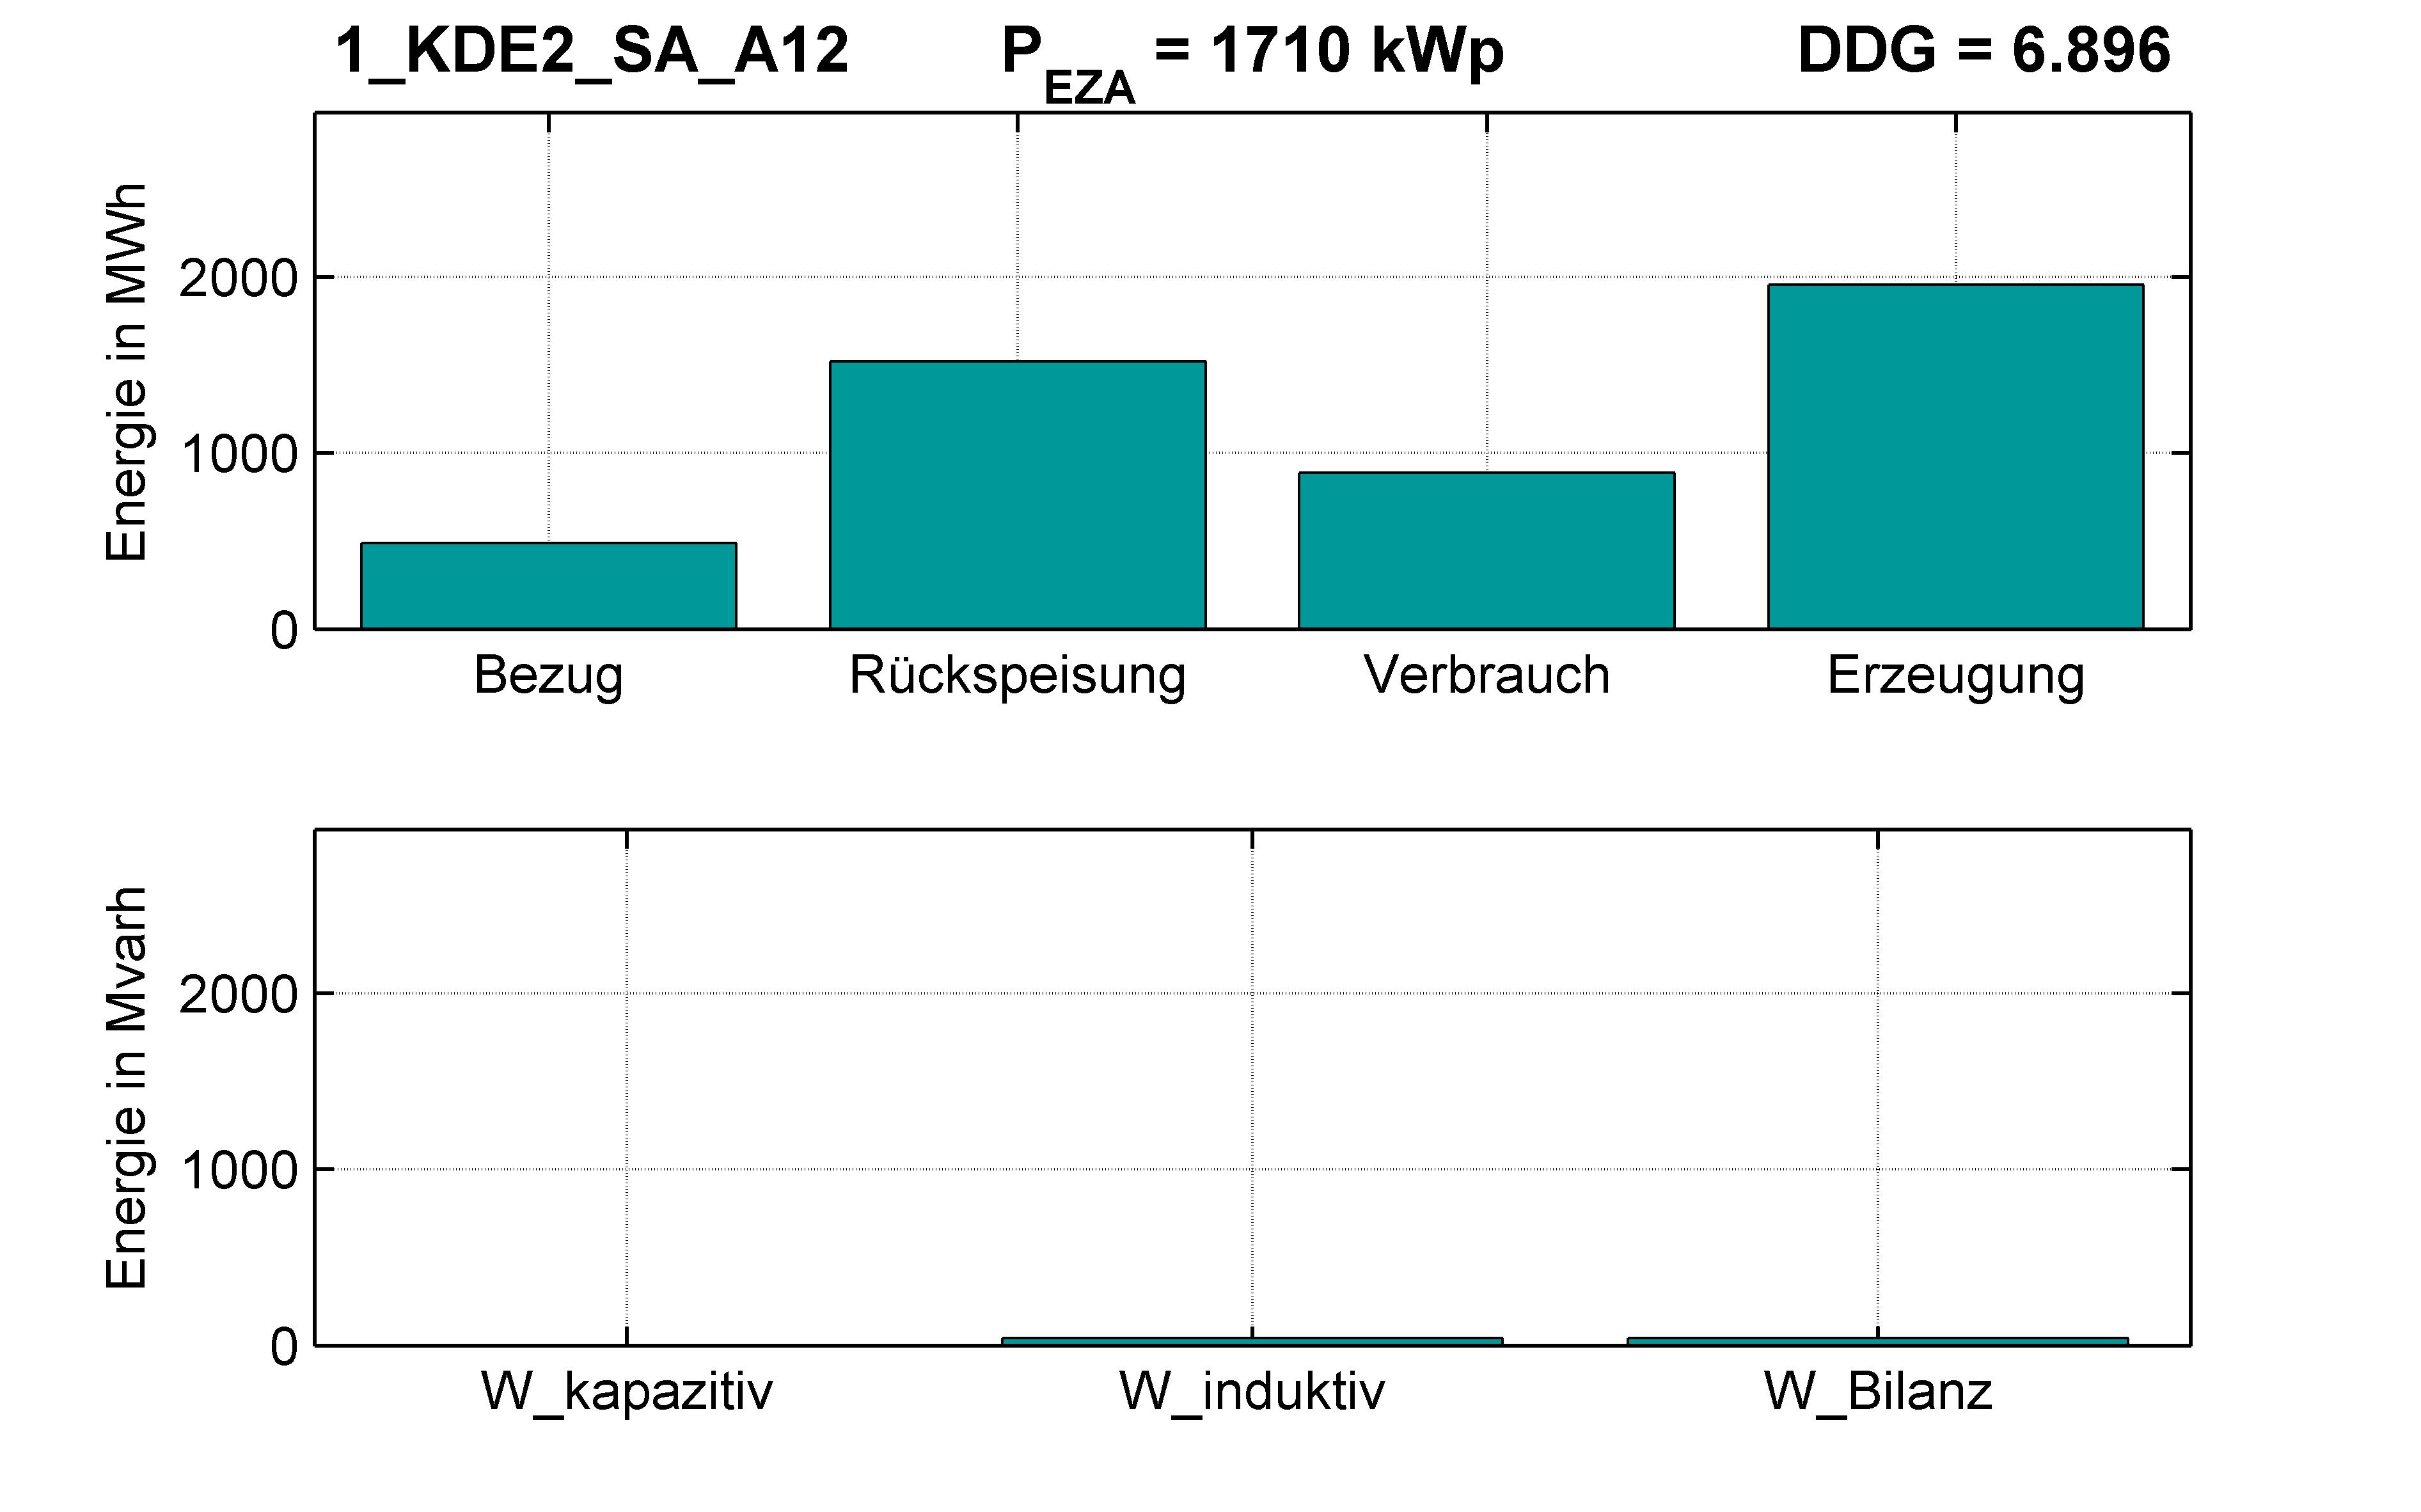 KDE2 | KABEL (SA) A12 | PQ-Bilanz